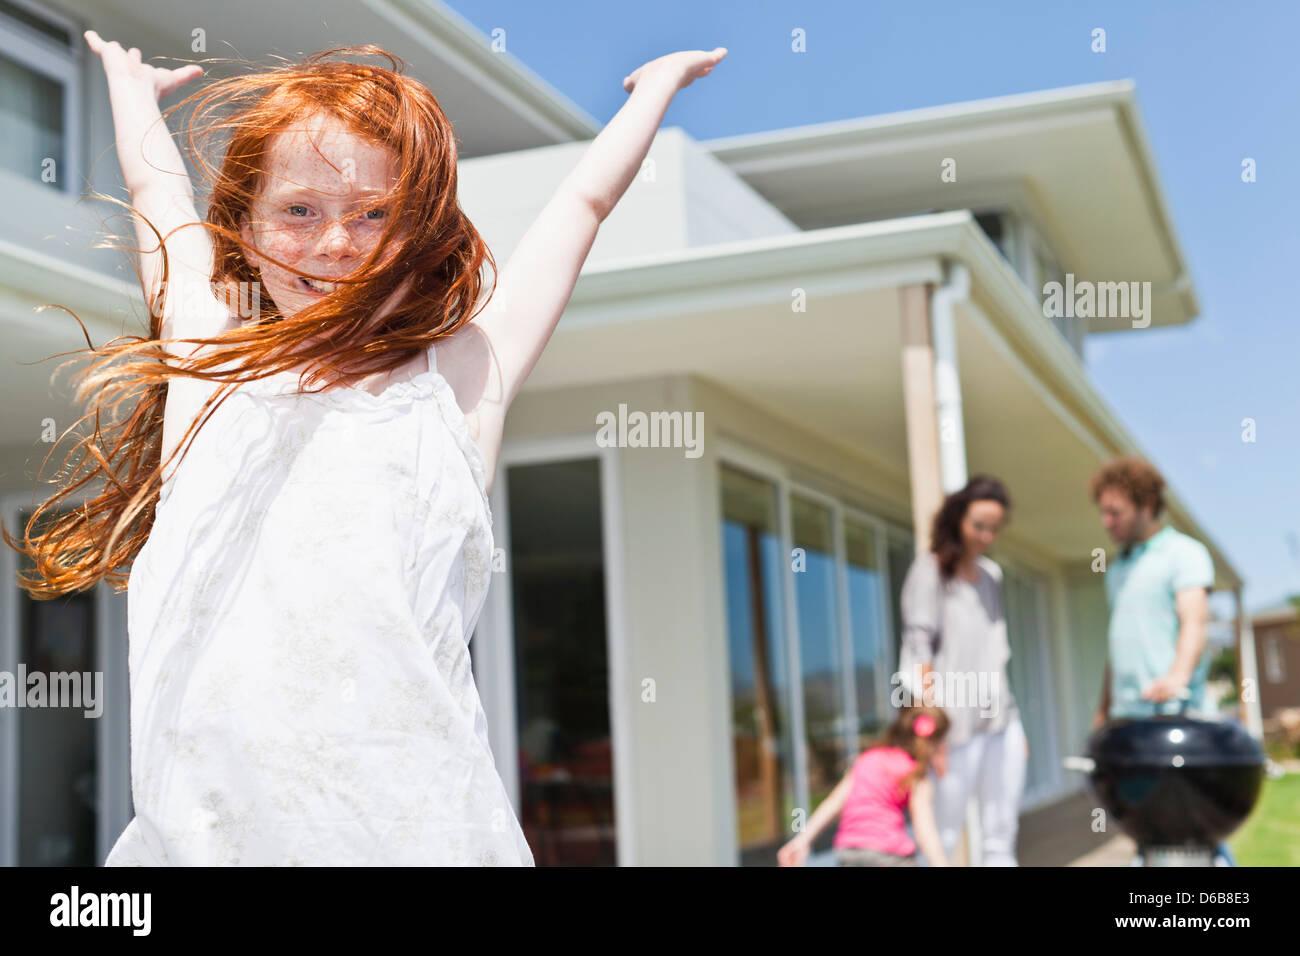 Chica sonriente aclamando en el patio Imagen De Stock